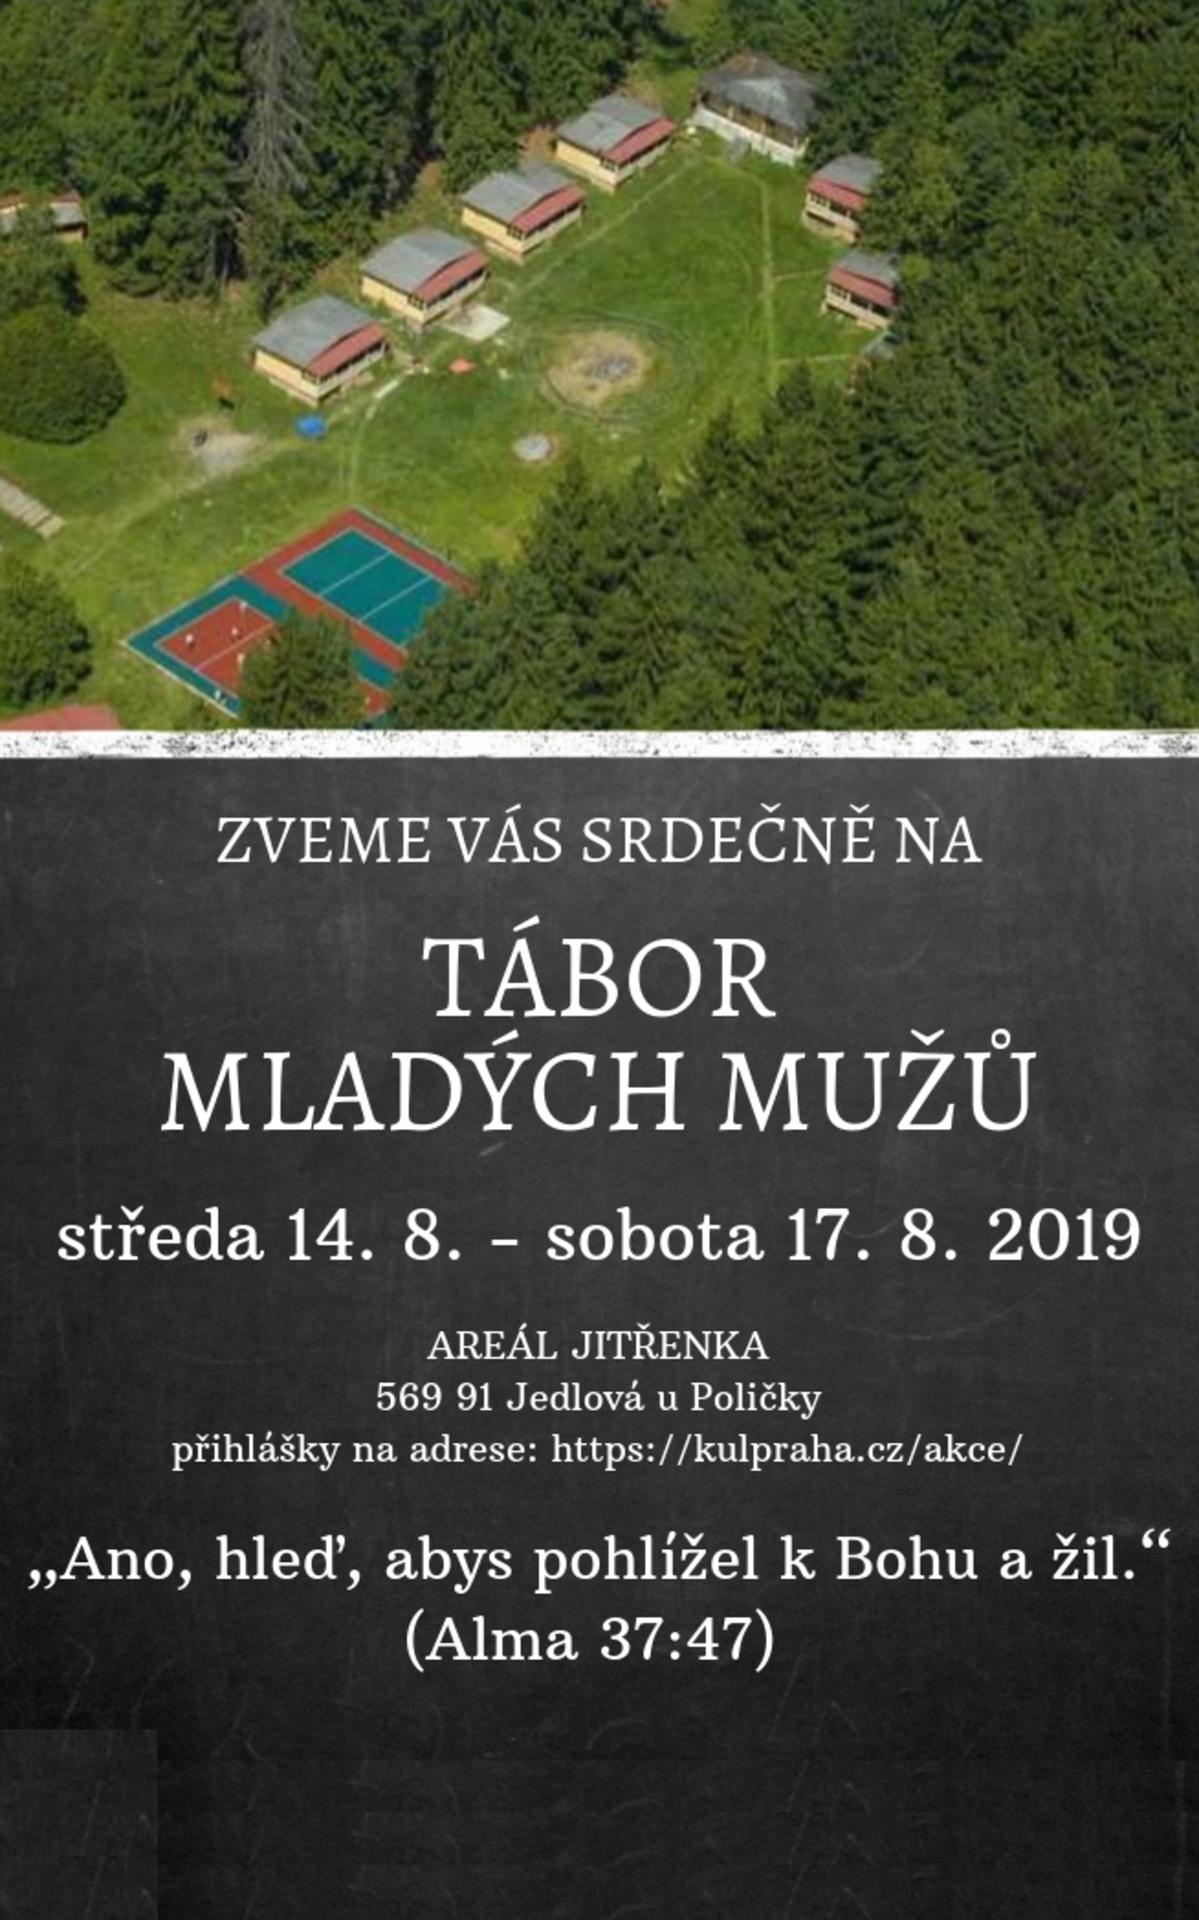 Pozvánka na Tábor Mladých mužů